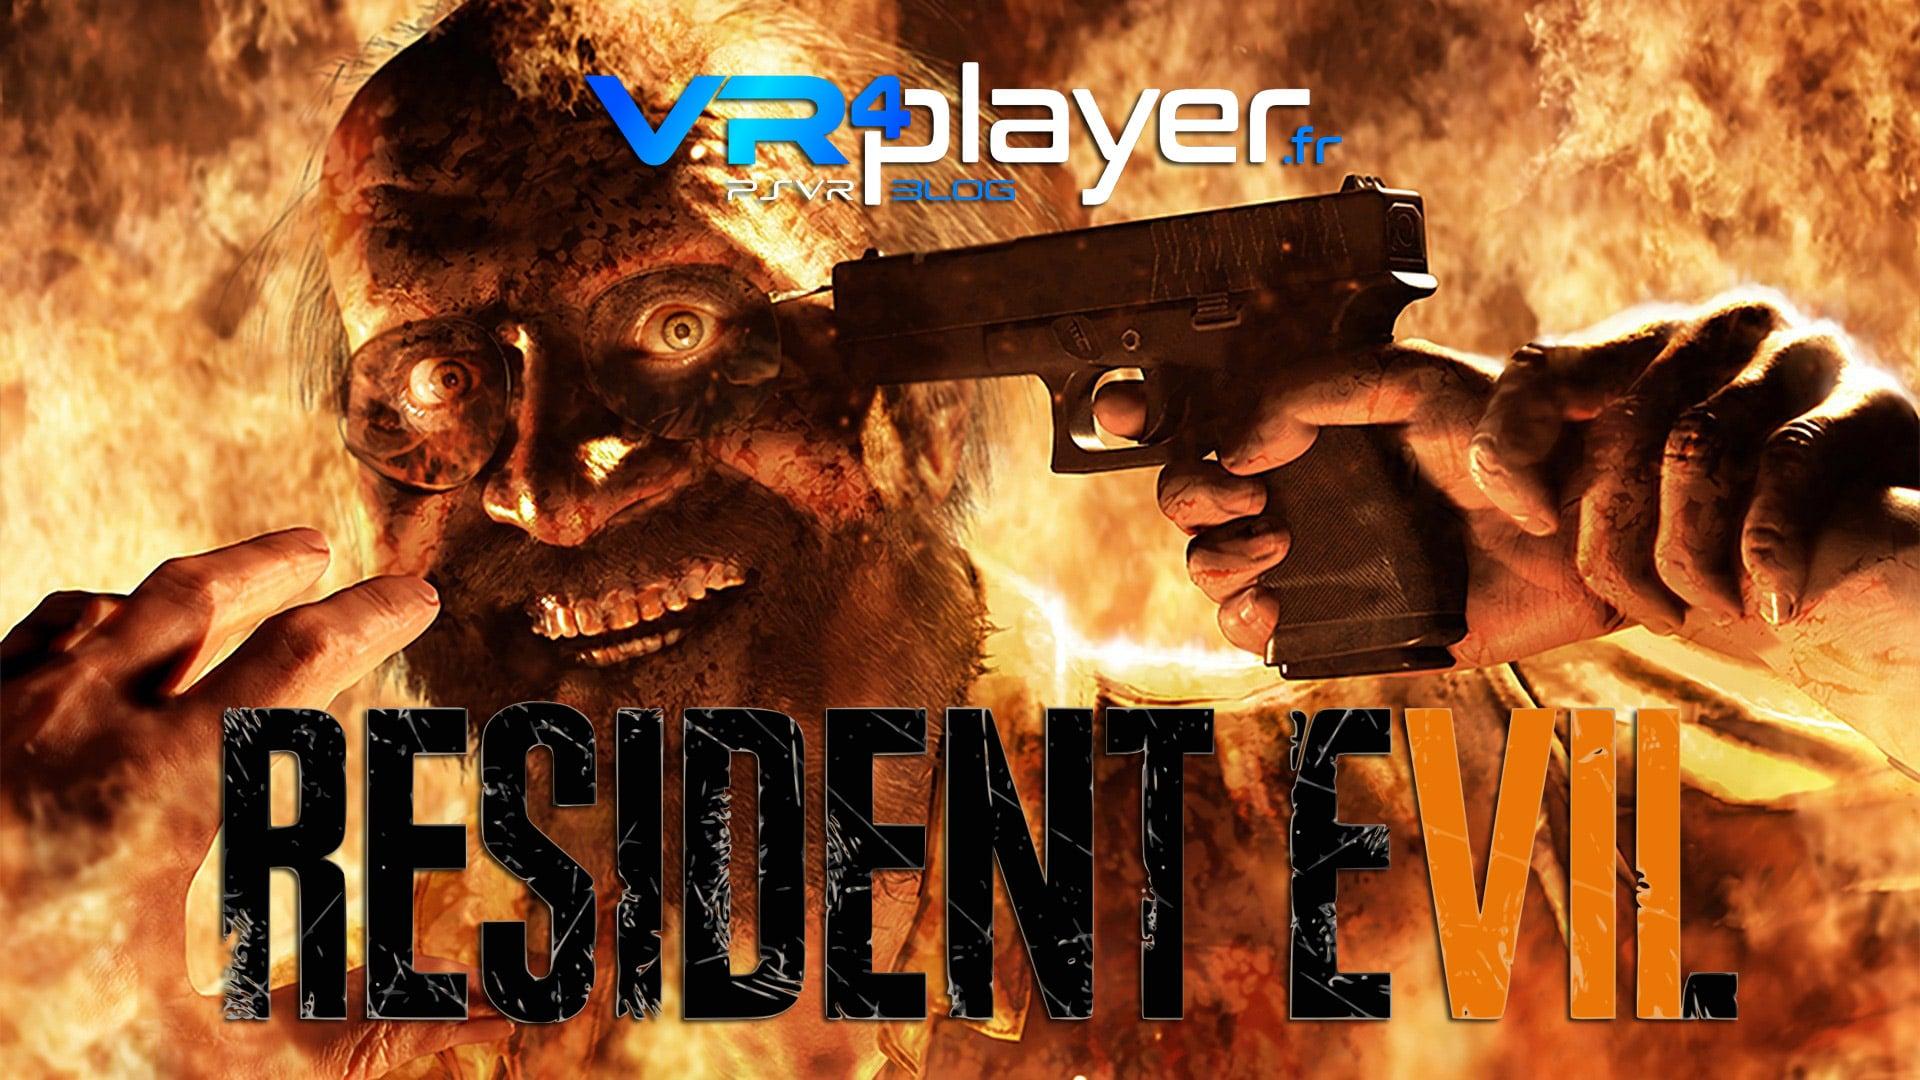 Resident Evil 7 passe le cap officiel des 500000 joueurs sur PSVR vr4player.fr